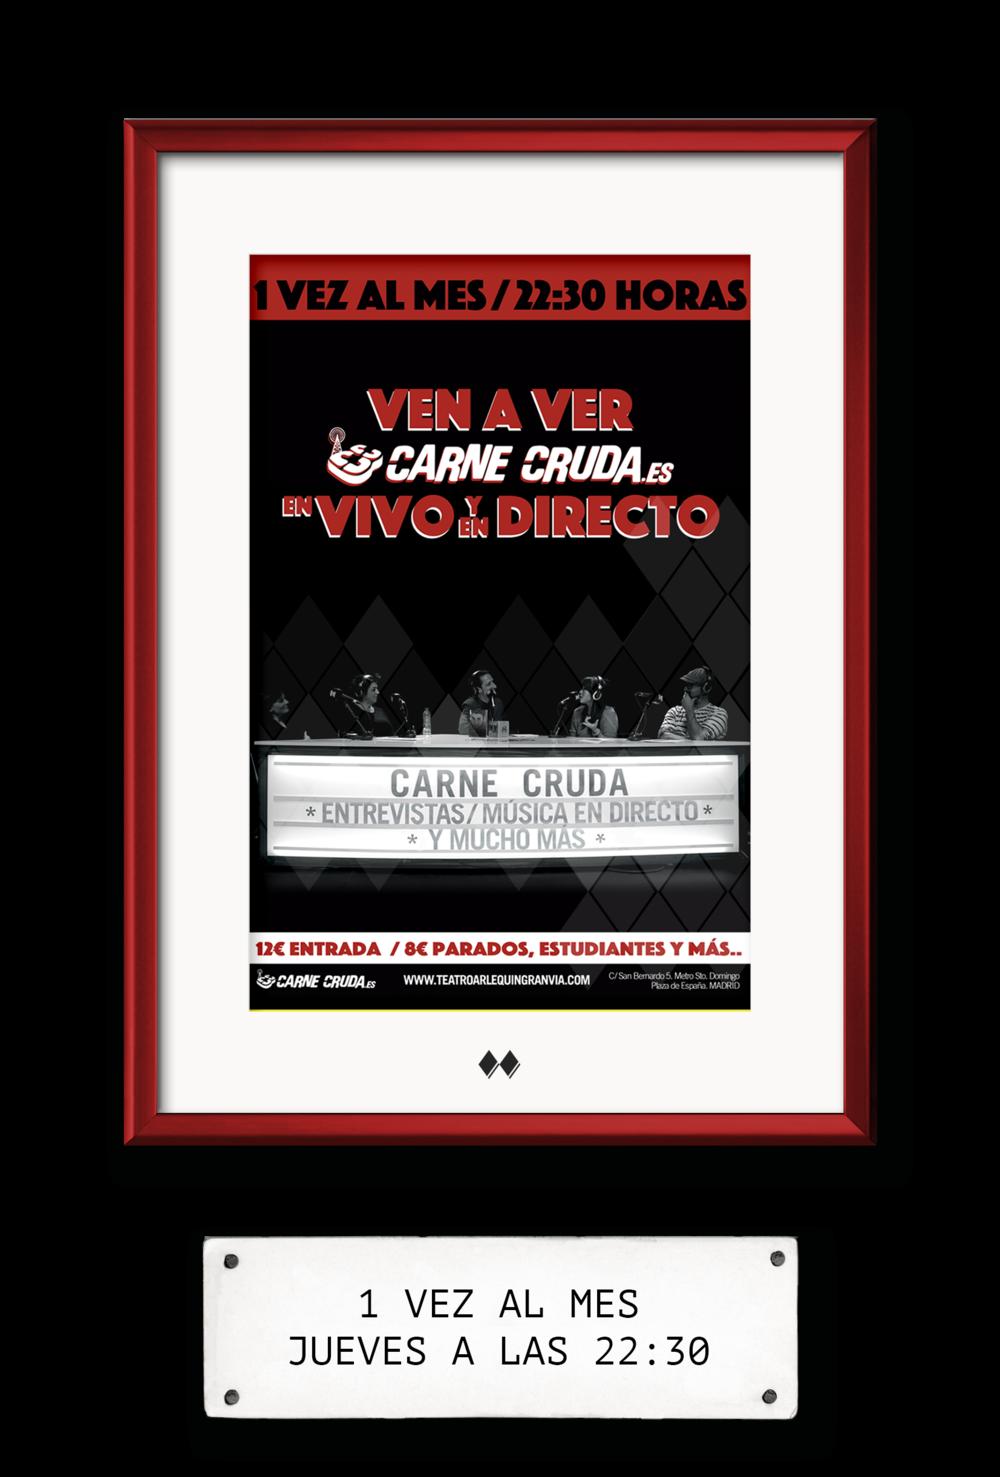 cuadro-en-crudo-y-en-drirecto-radio-amdrid-teatro-arlequin-gran-via-comprar-entradas.png